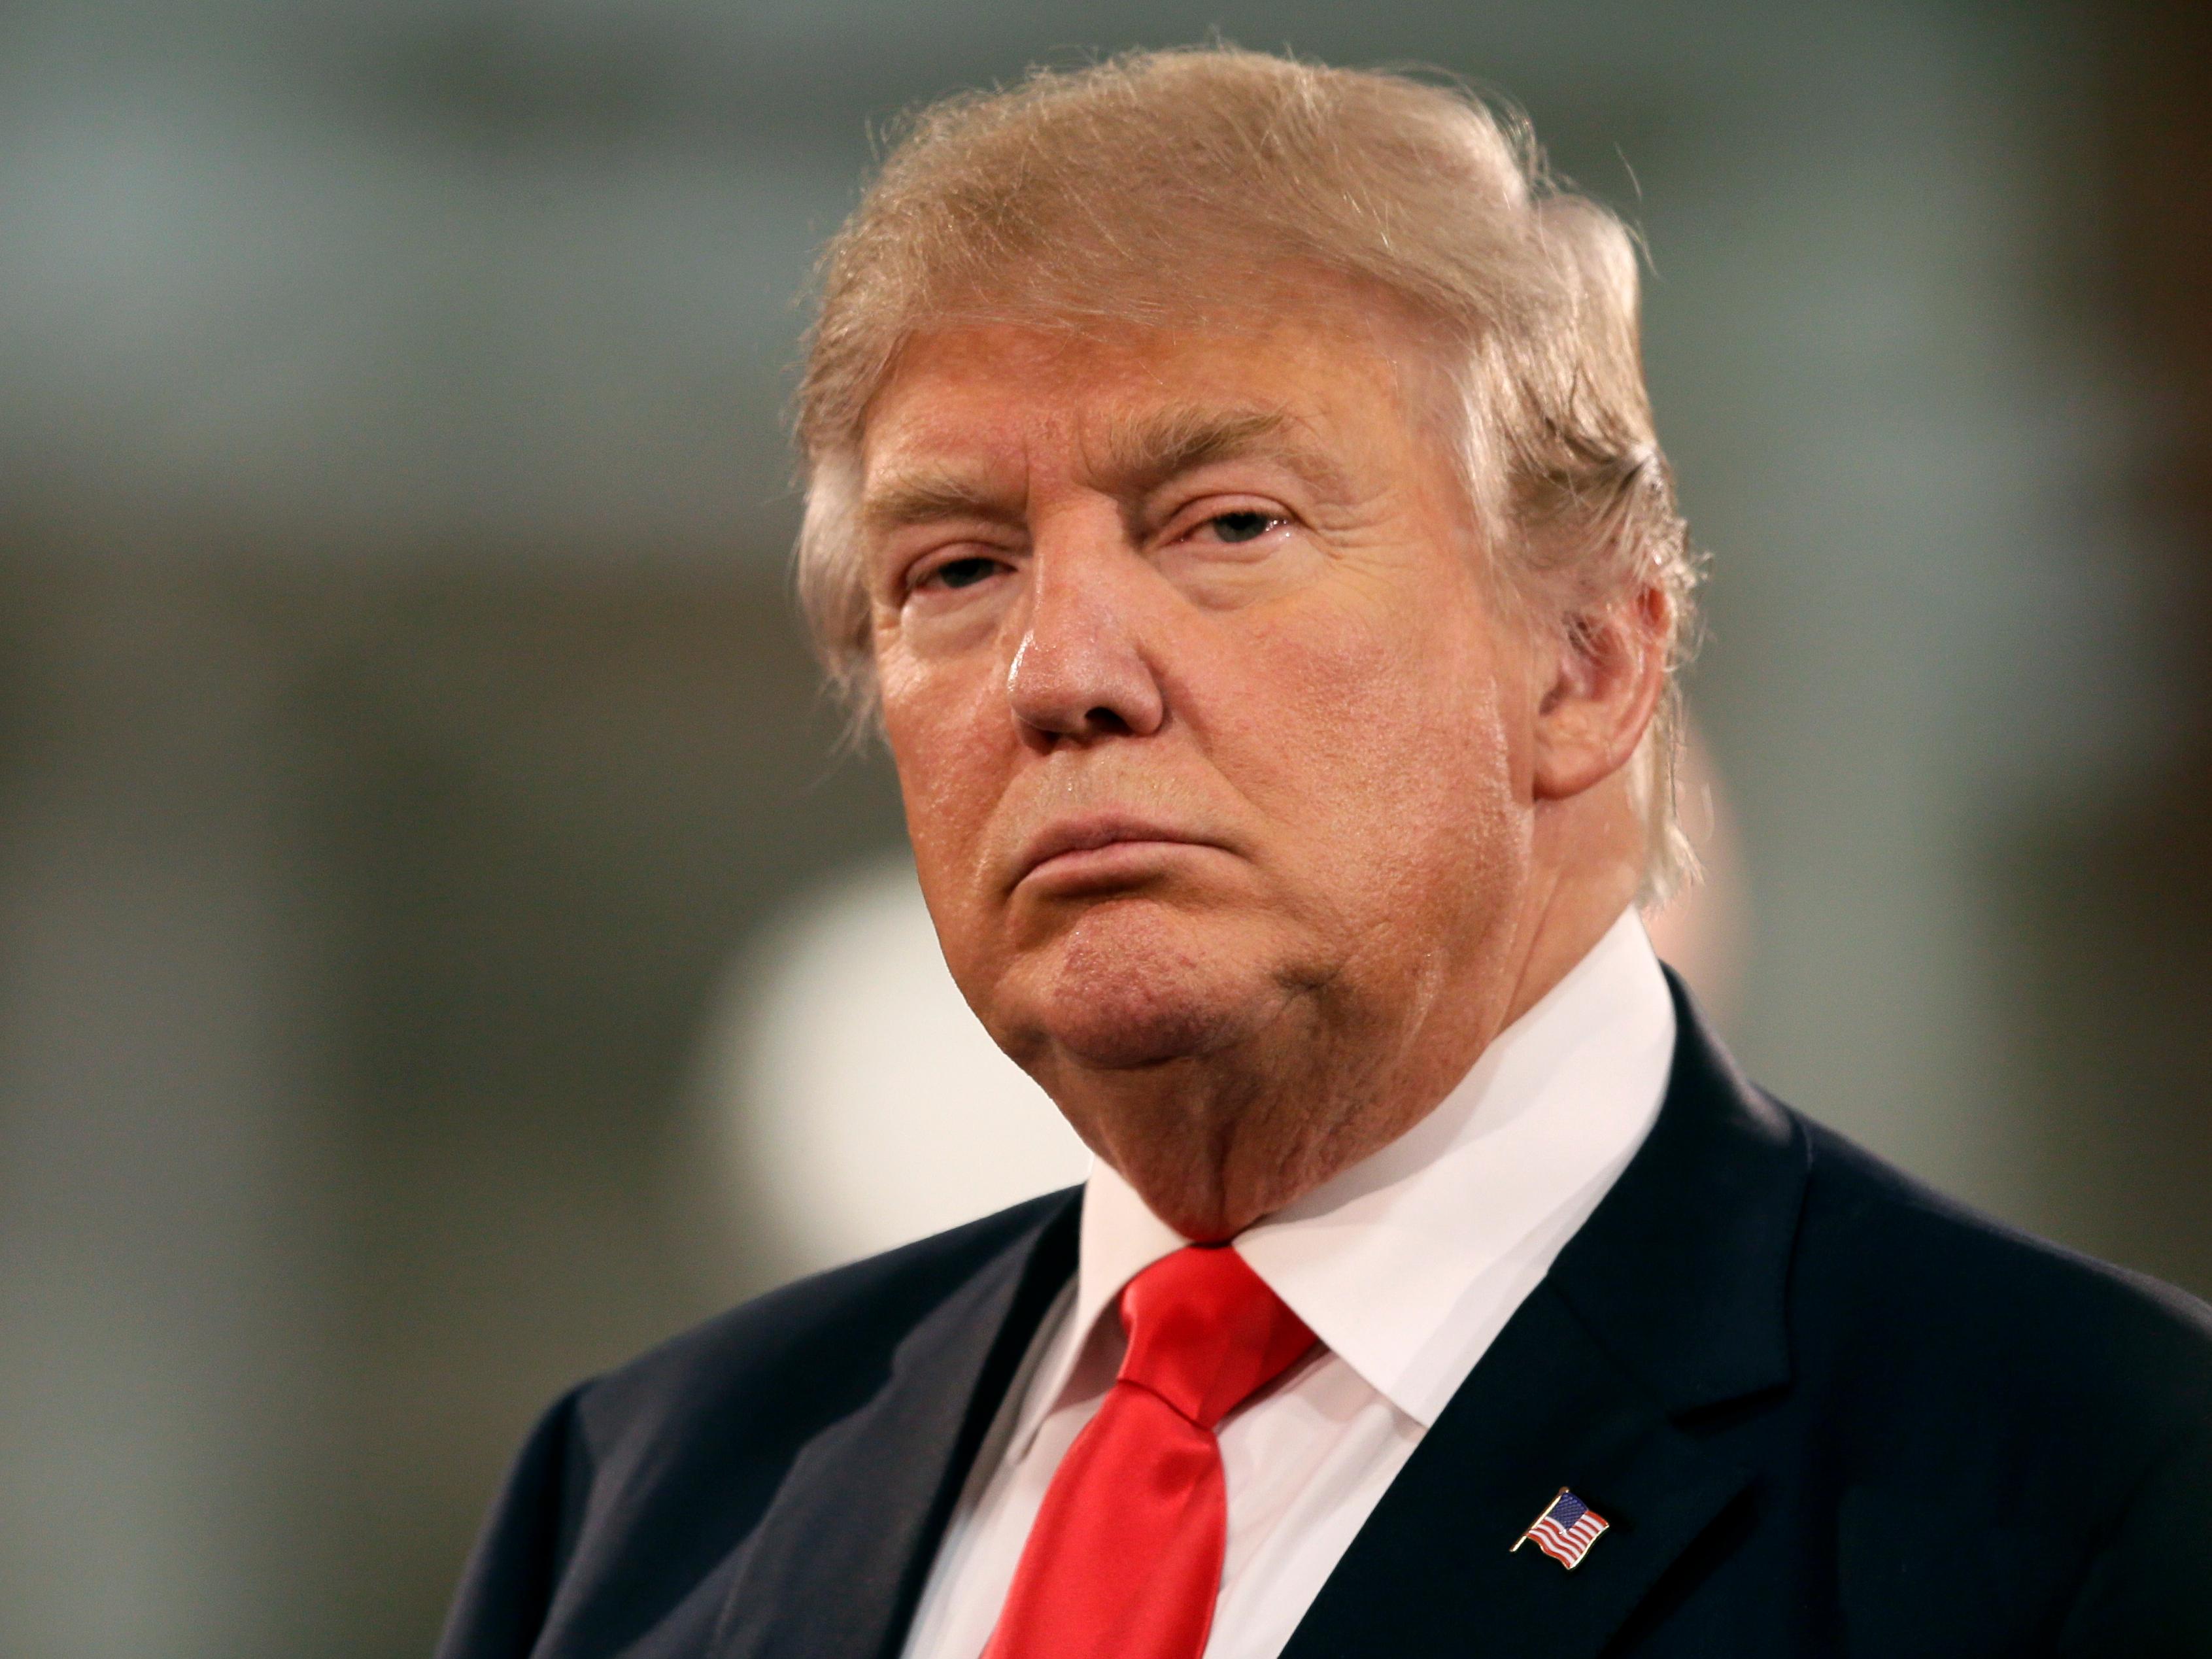 """Donald Trump fa ricorso sul blocco: """"Vinceremo"""". La Corte d'Appello lo rigetta"""